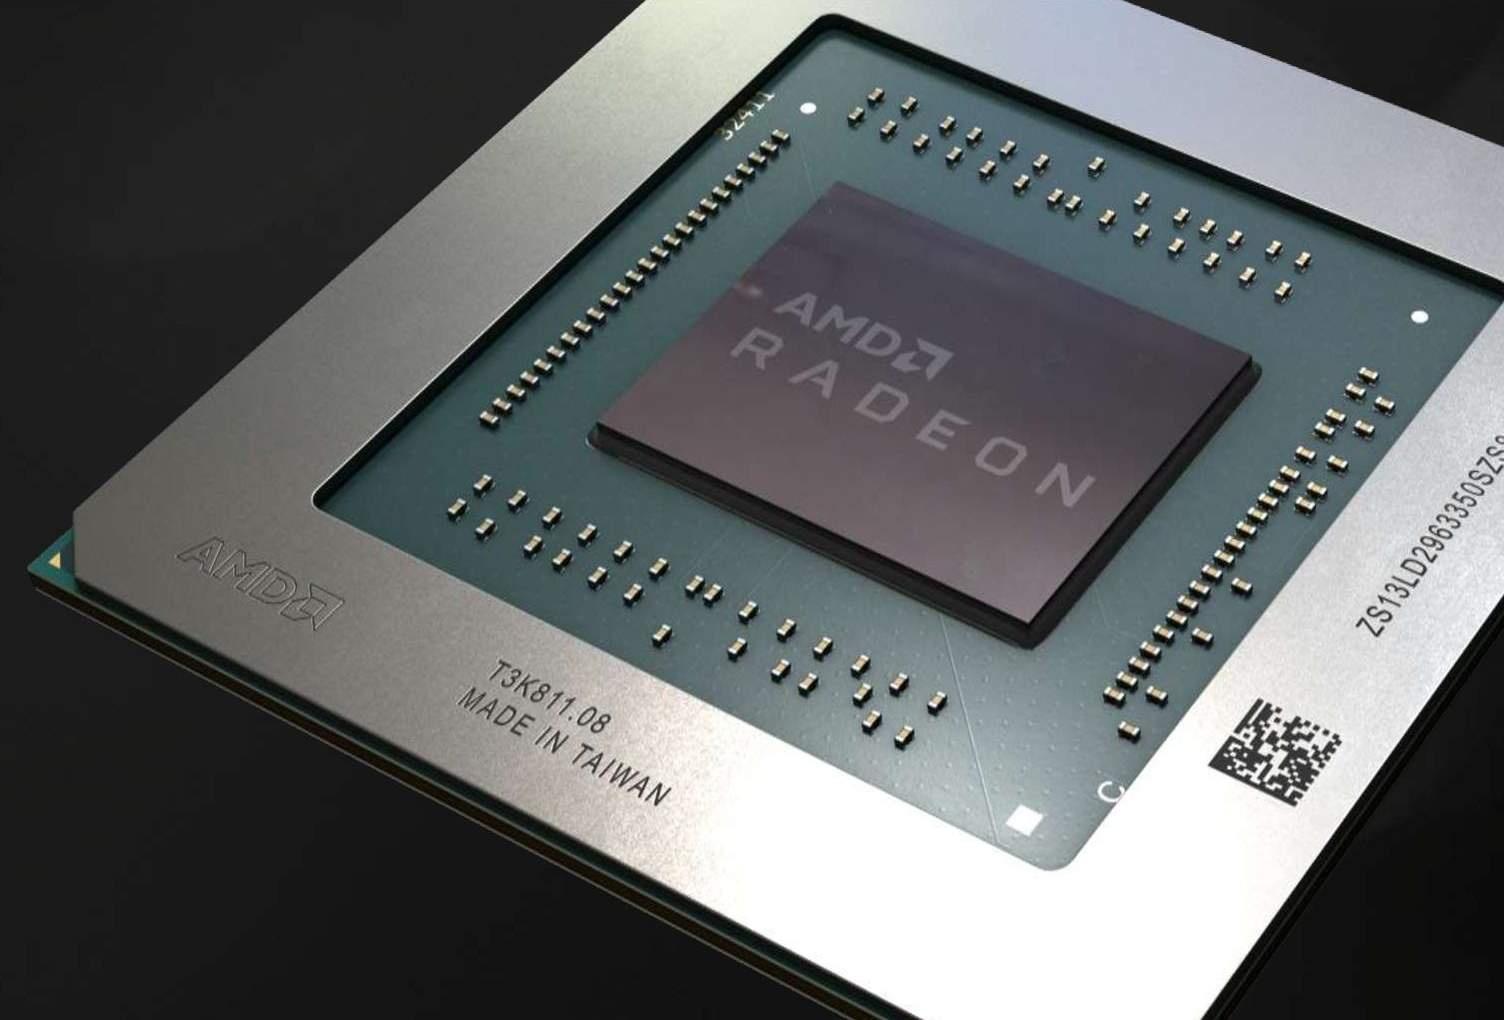 Утечка выдала внешний вид и характеристики видеокарты Radeon RX 5700 XT